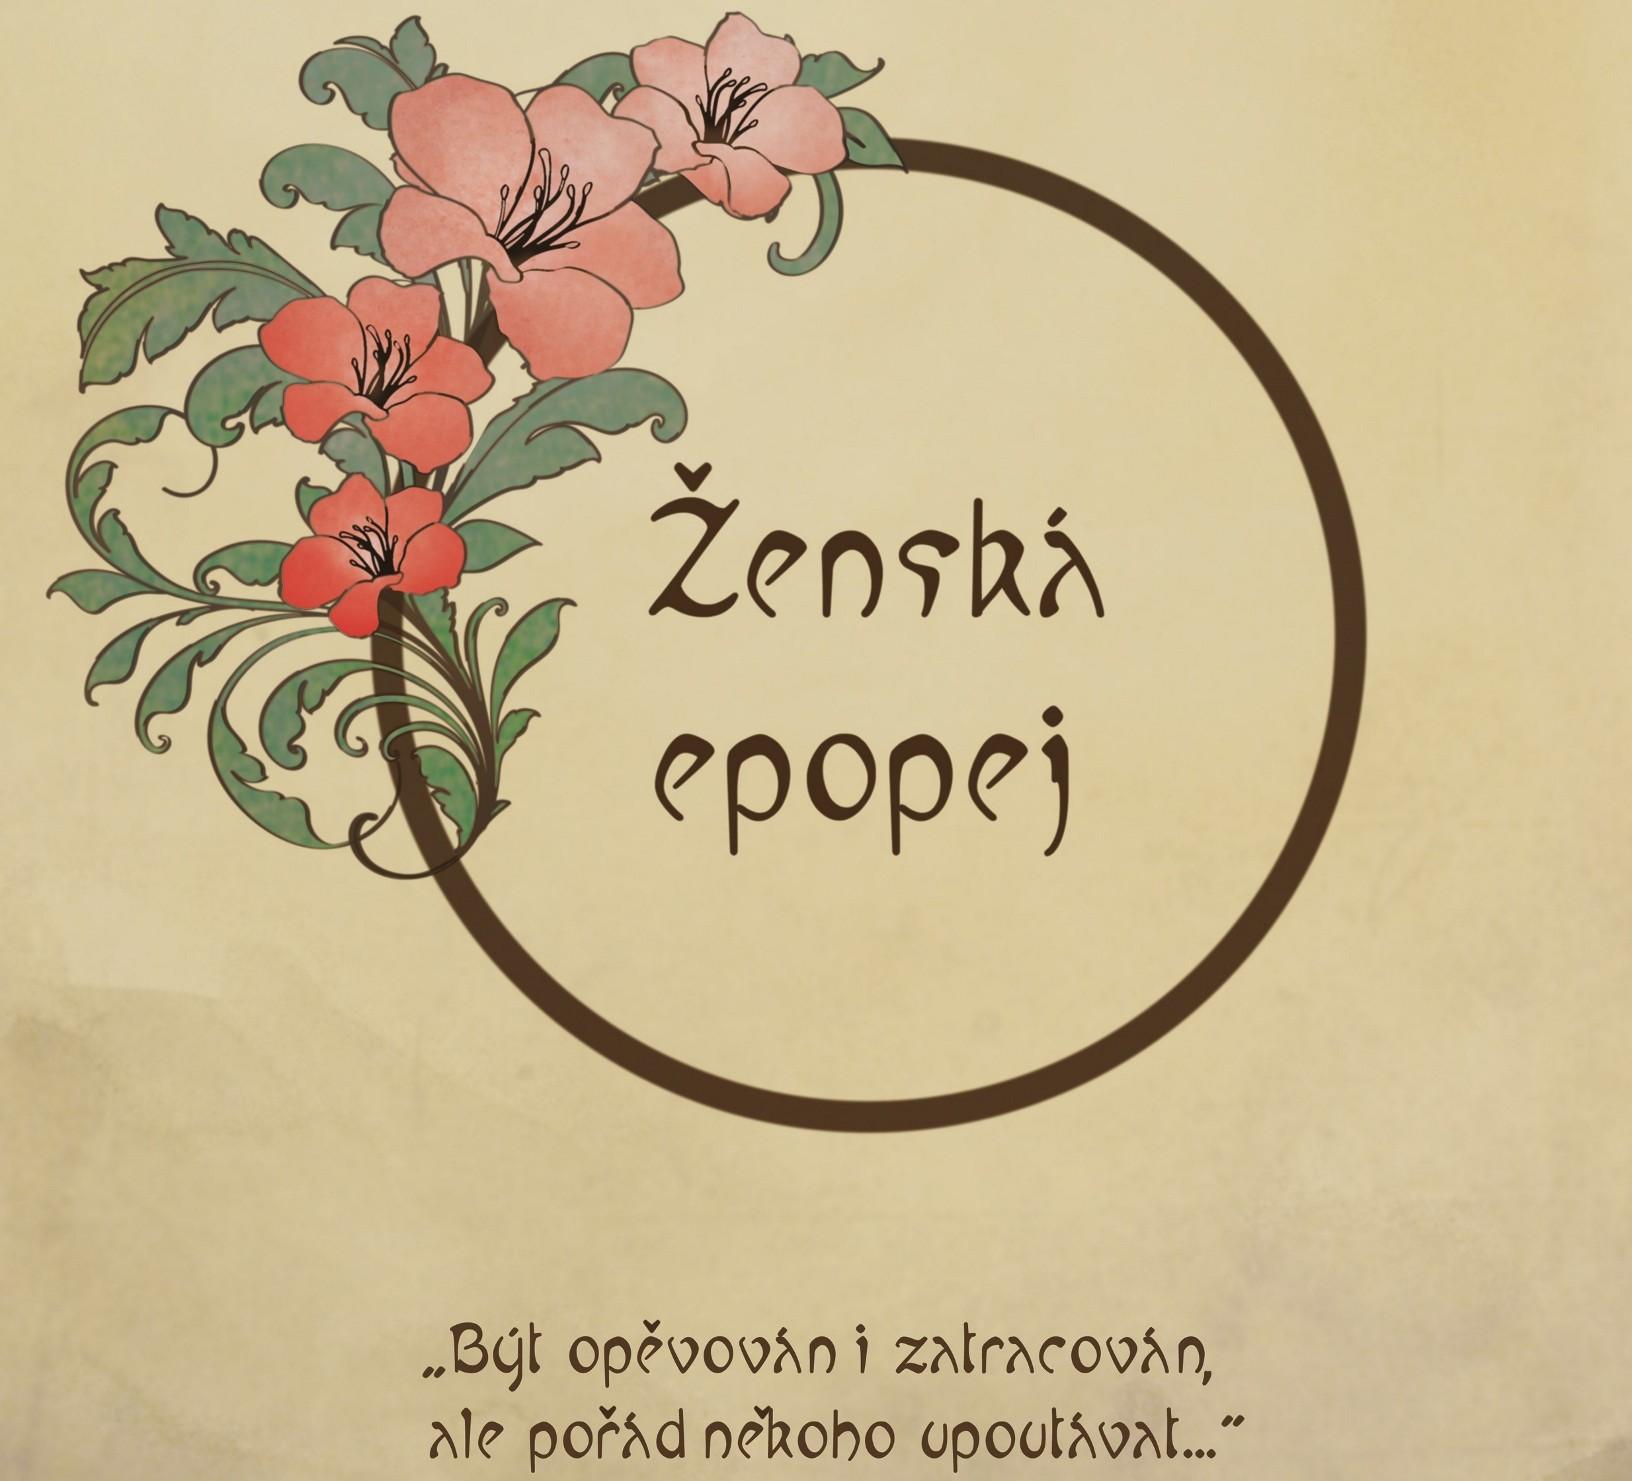 zenskaepopej_01(1) (1)